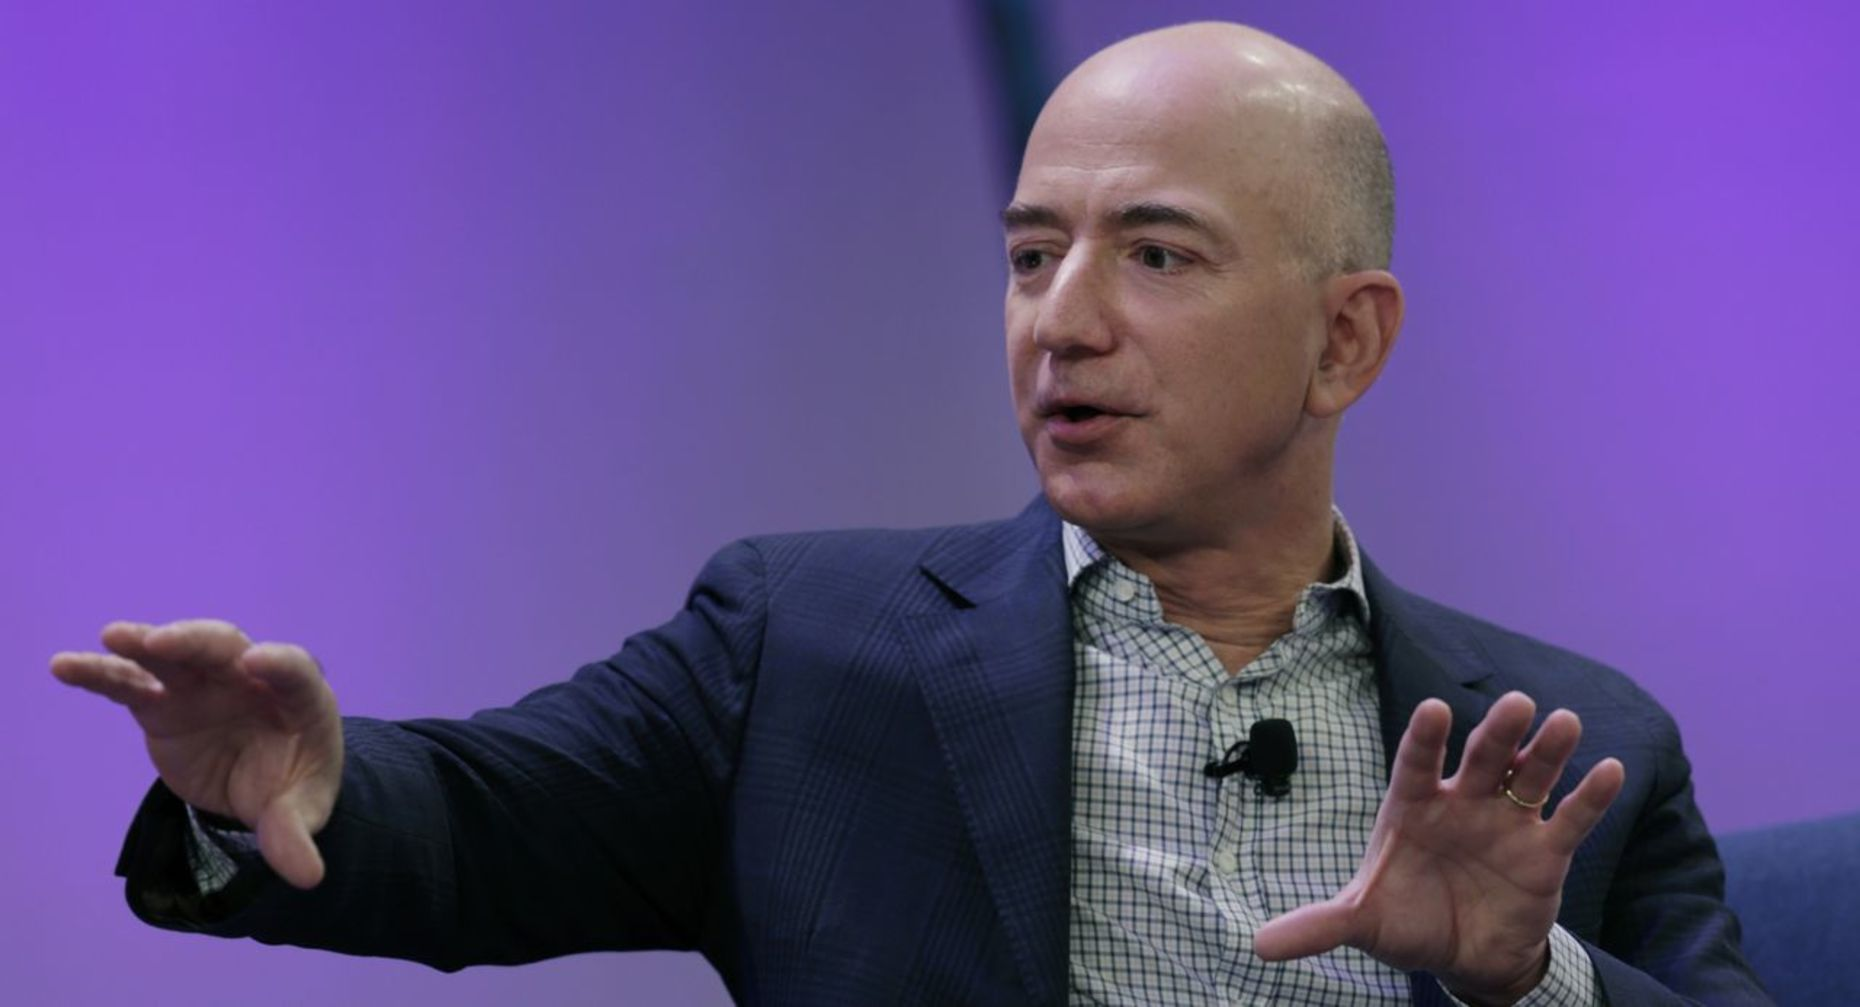 Amazon CEO Jeff Bezos. Credit: Bloomberg